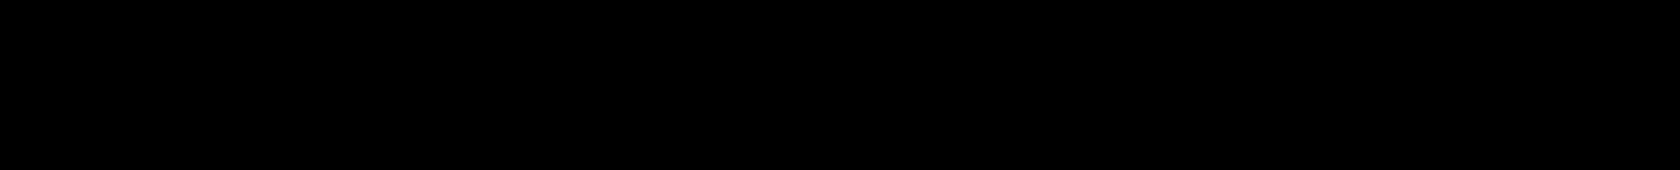 Preactum